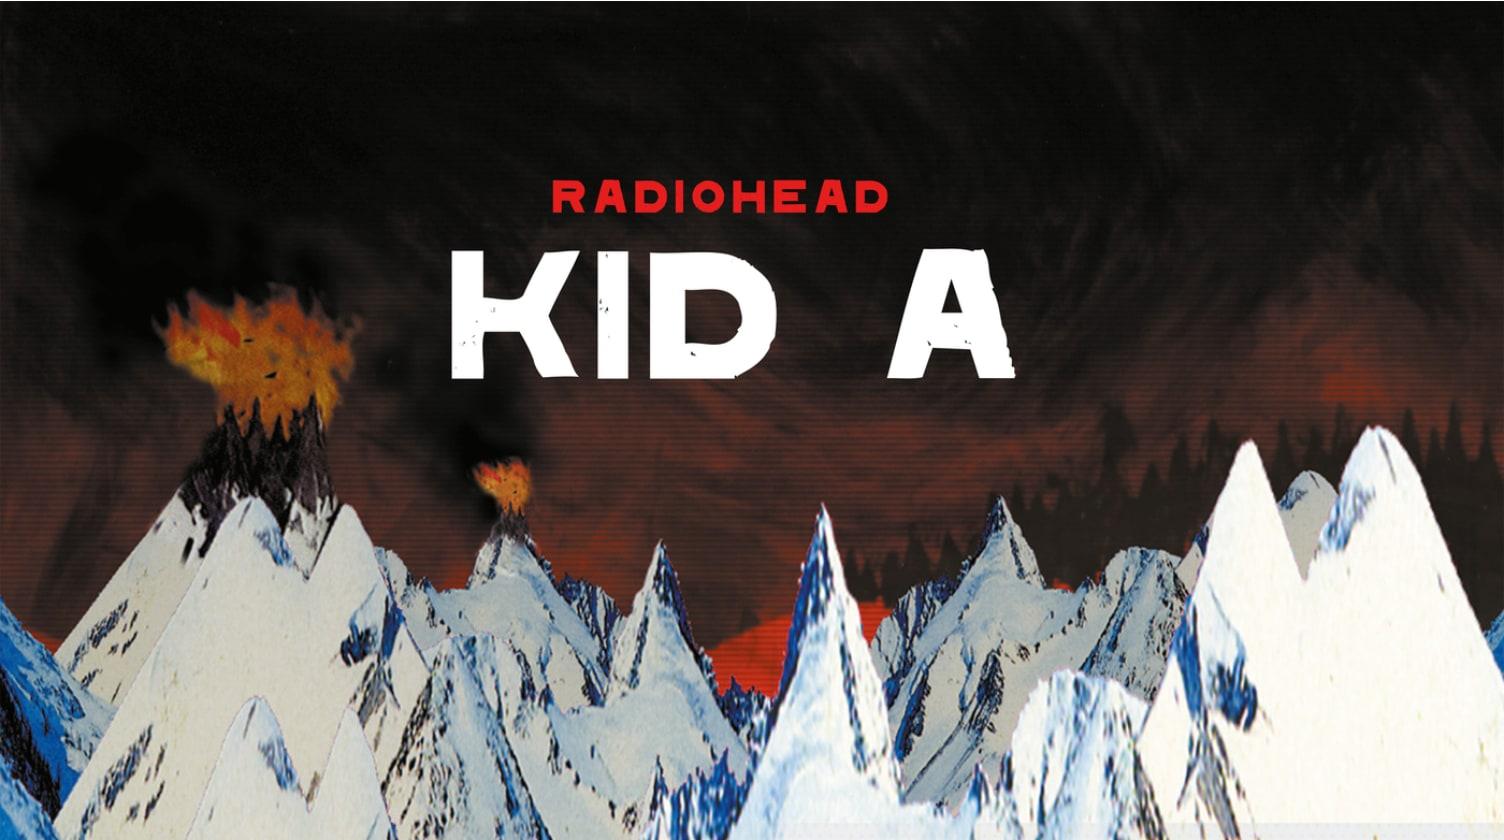 Radiohead's 'Kid A' turned 20